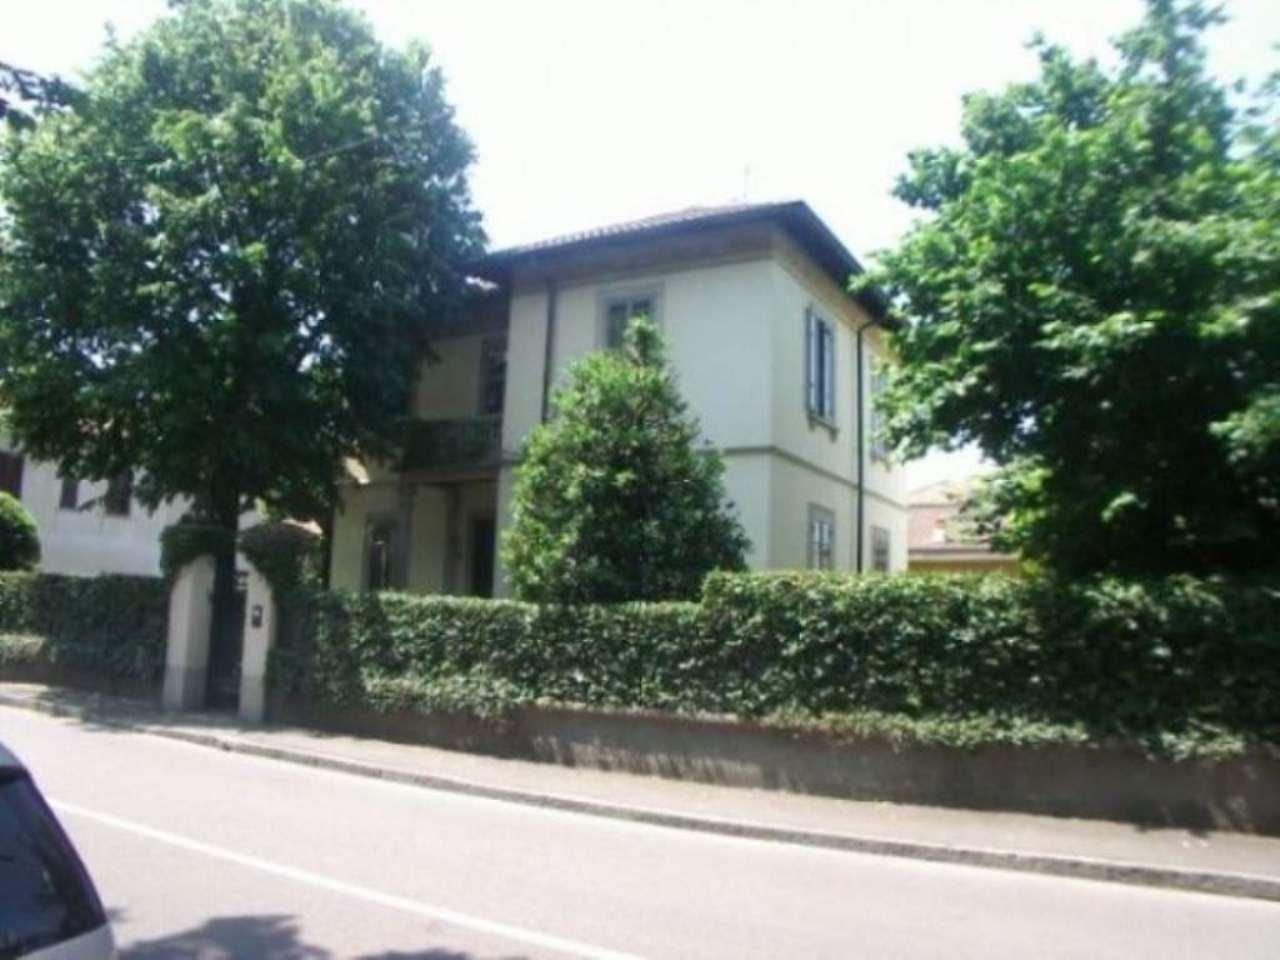 Villa in vendita a Cavenago di Brianza, 6 locali, prezzo € 630.000 | CambioCasa.it